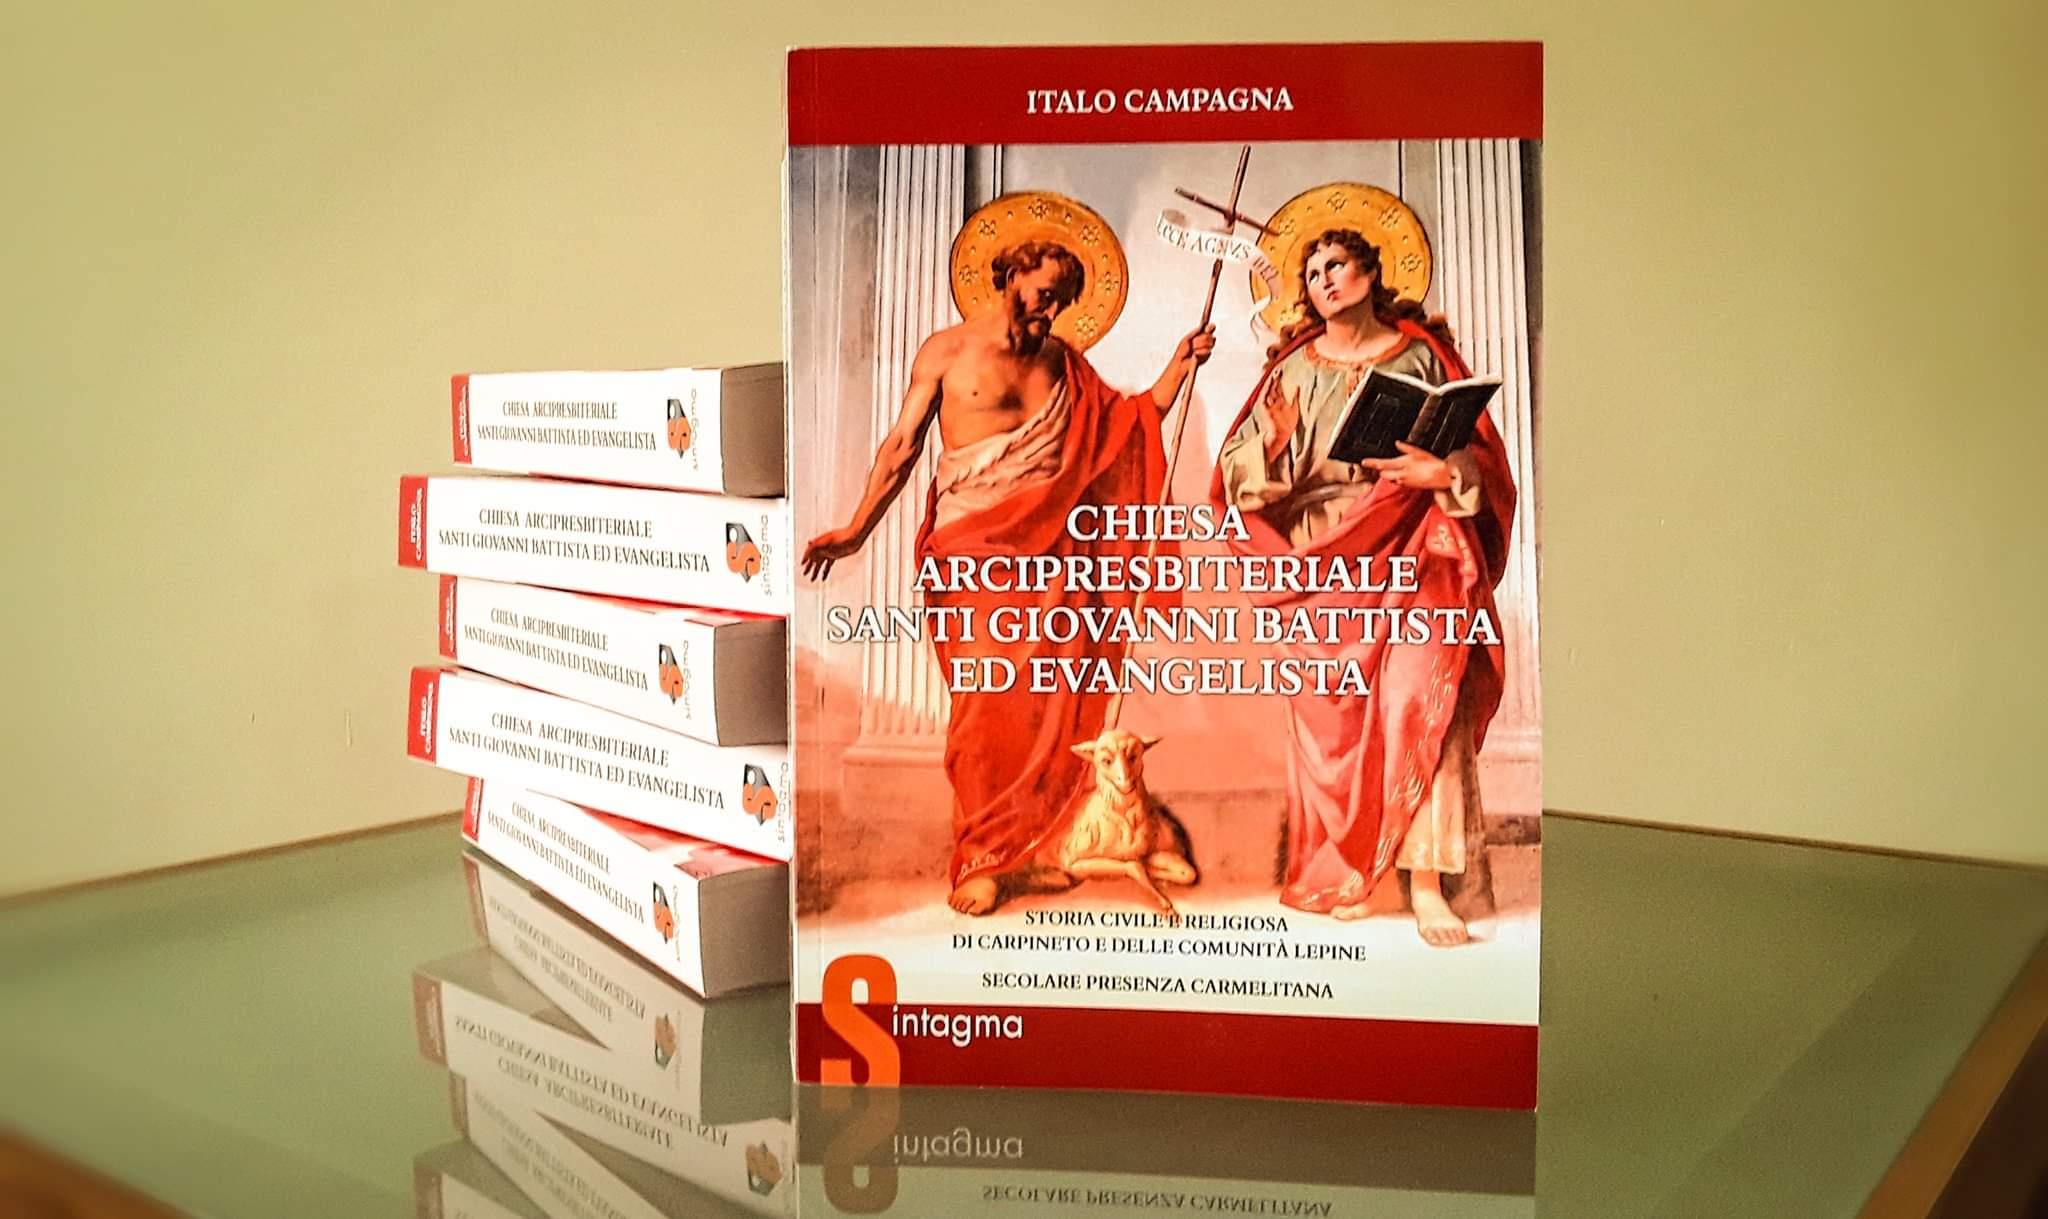 presentazione-libro-italo-campagna-3